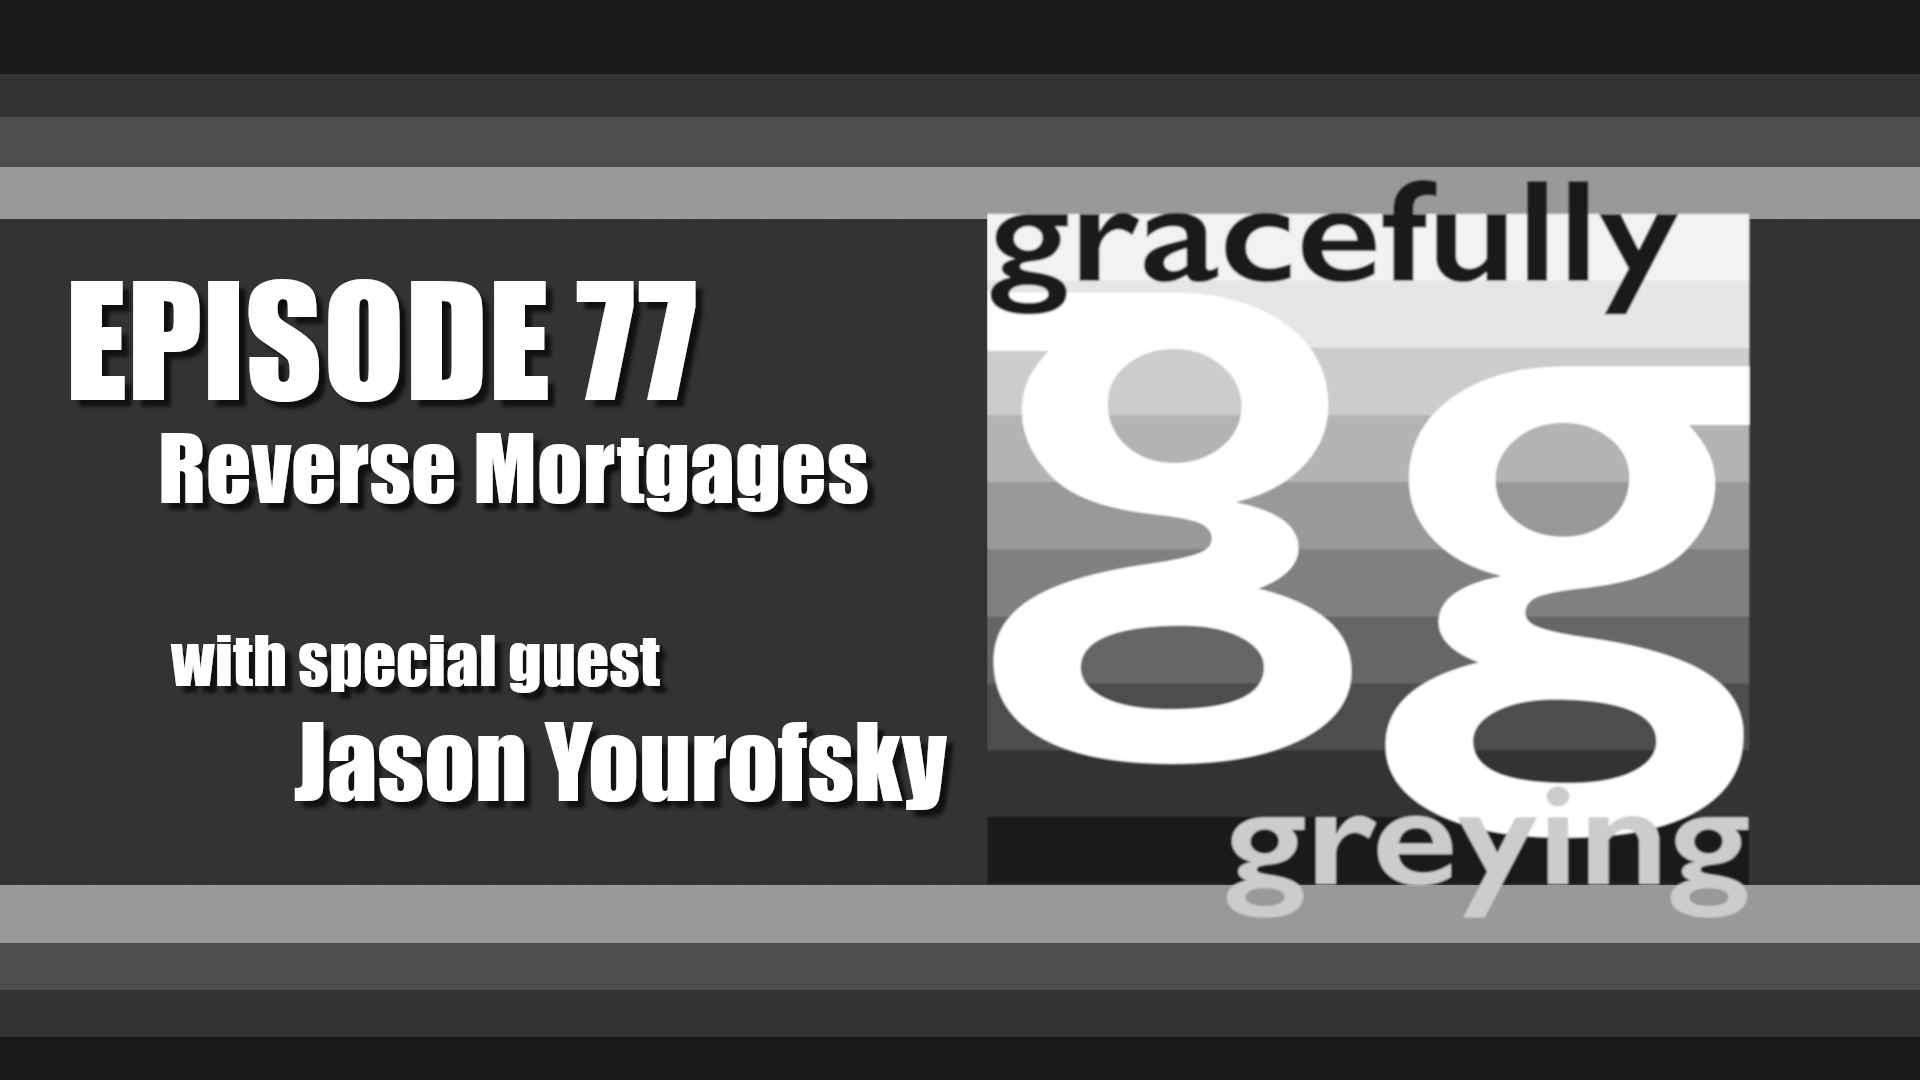 Gracefully Greying - Episode 77